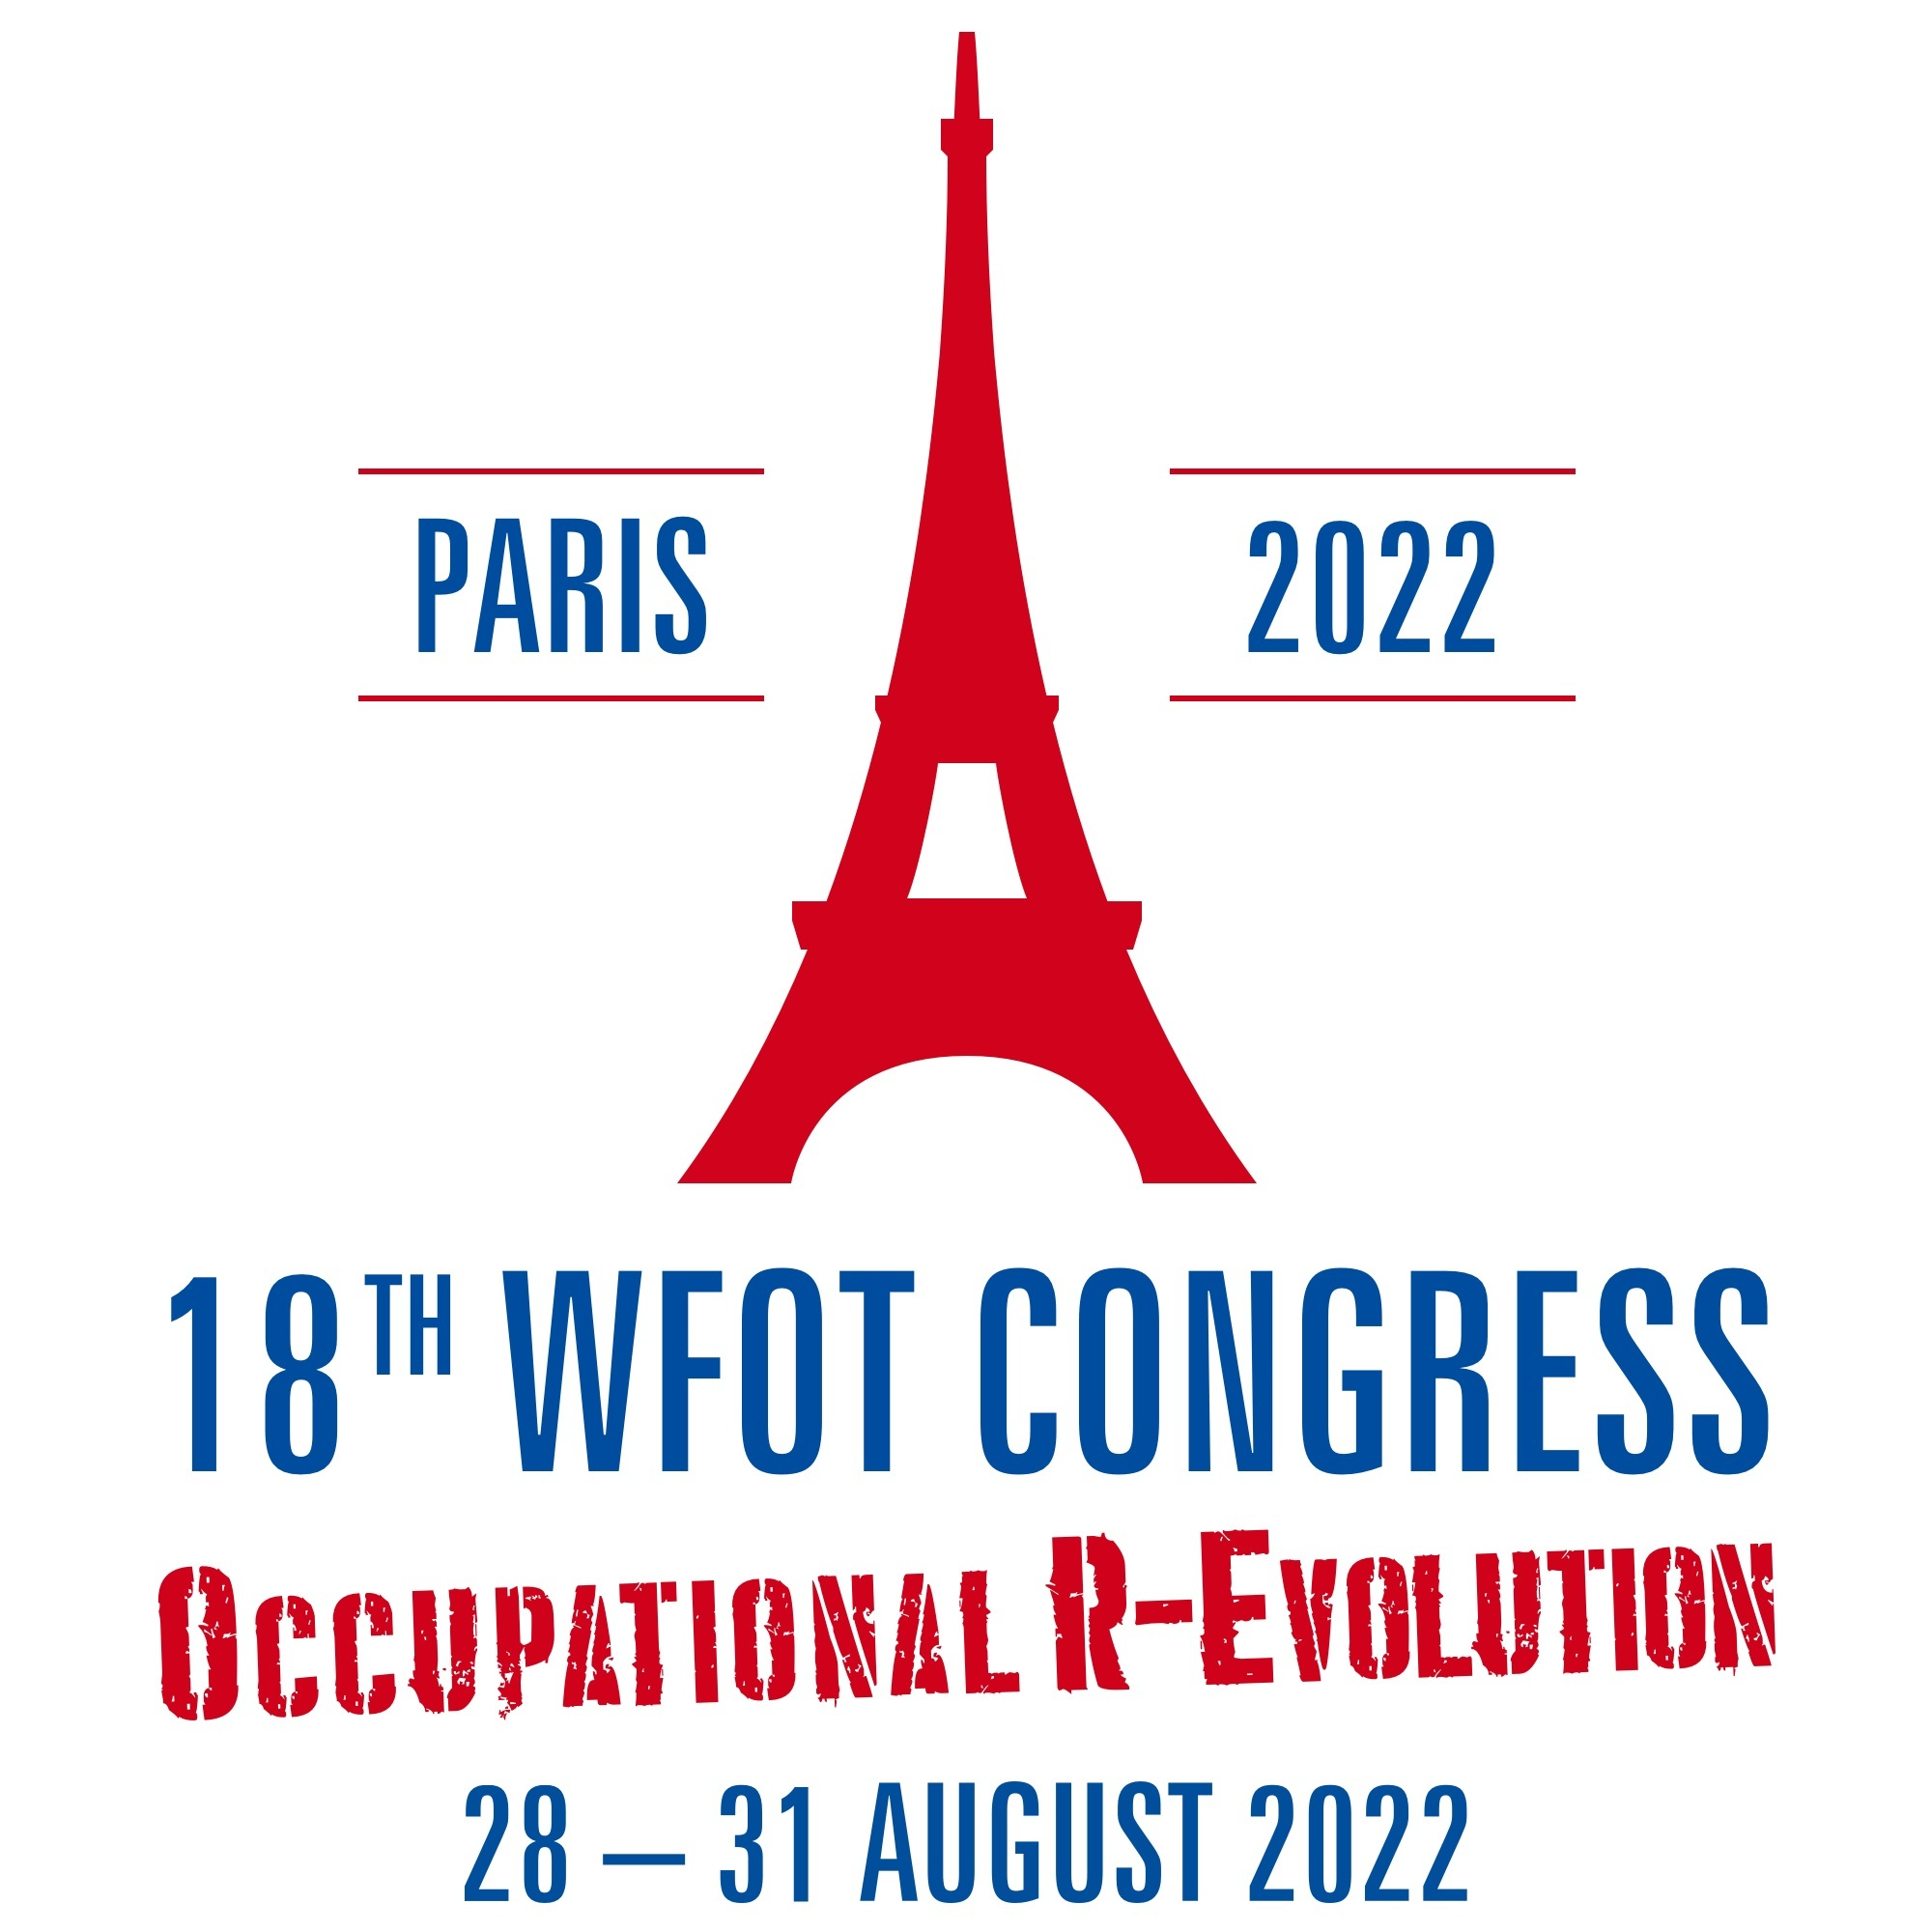 WFOT-Congress-2022-Logo-with-Dates-Web.jpg#asset:26796